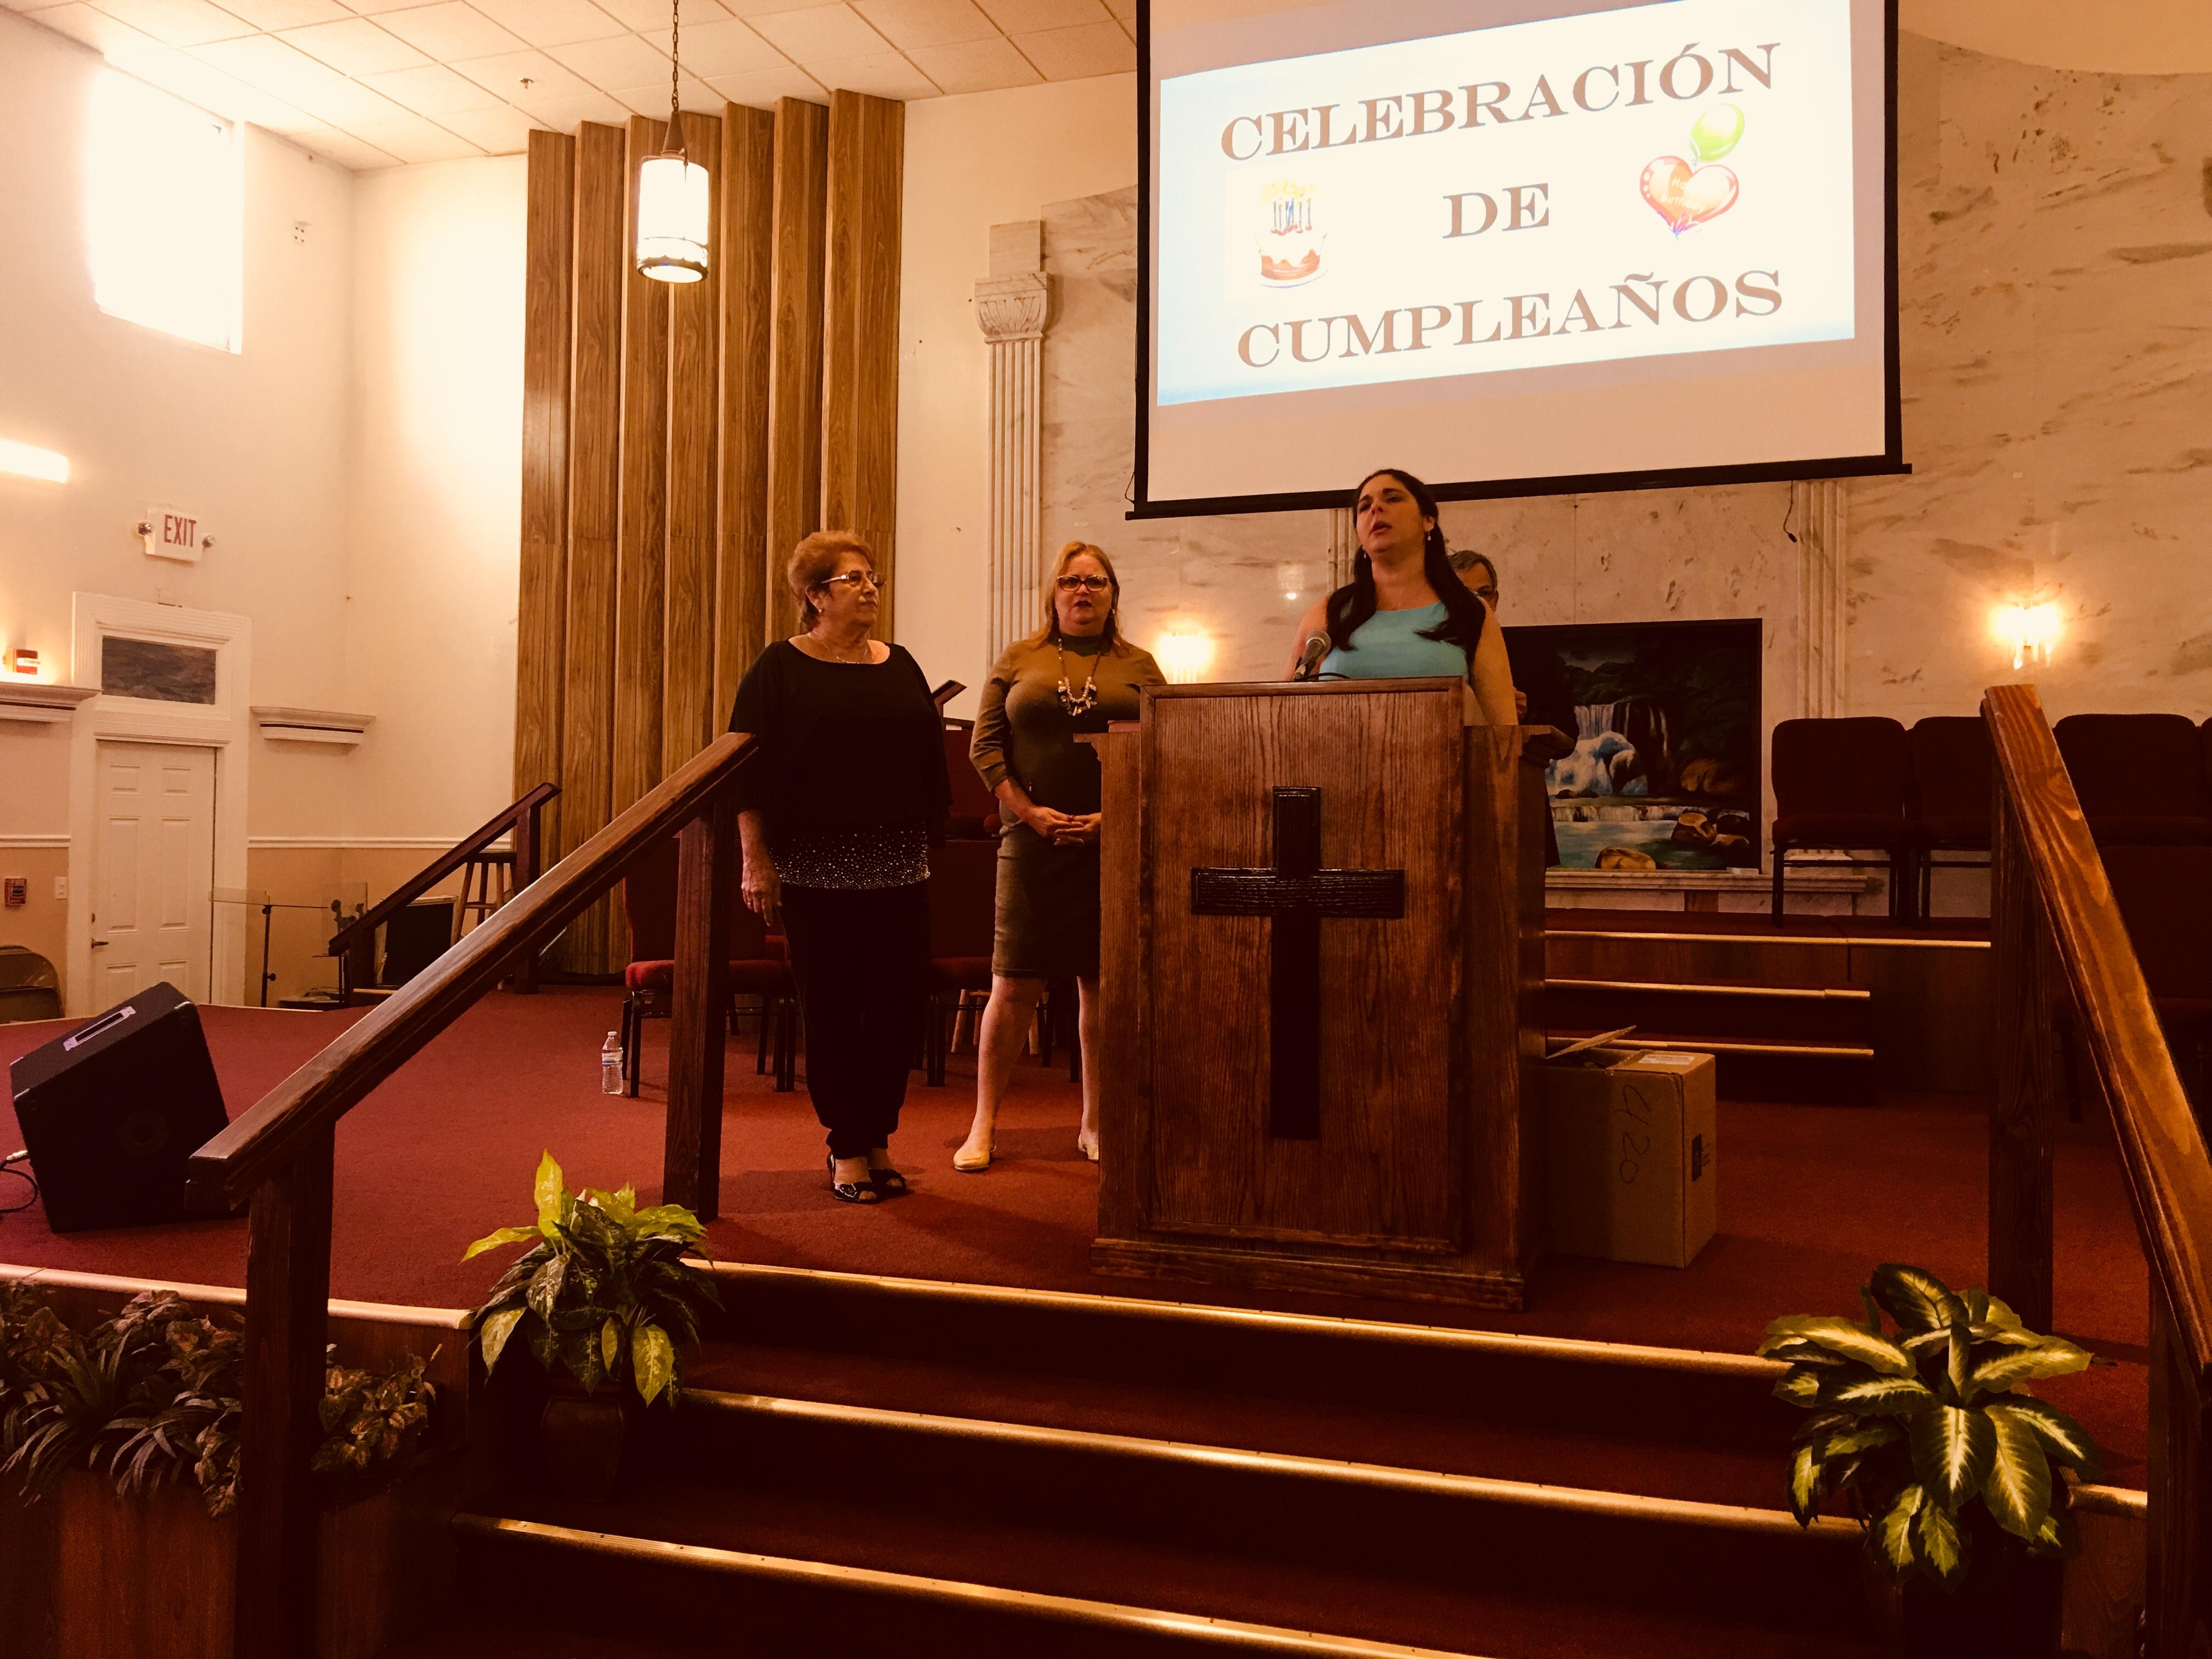 Celebración de Cumpleaños 6-17-18